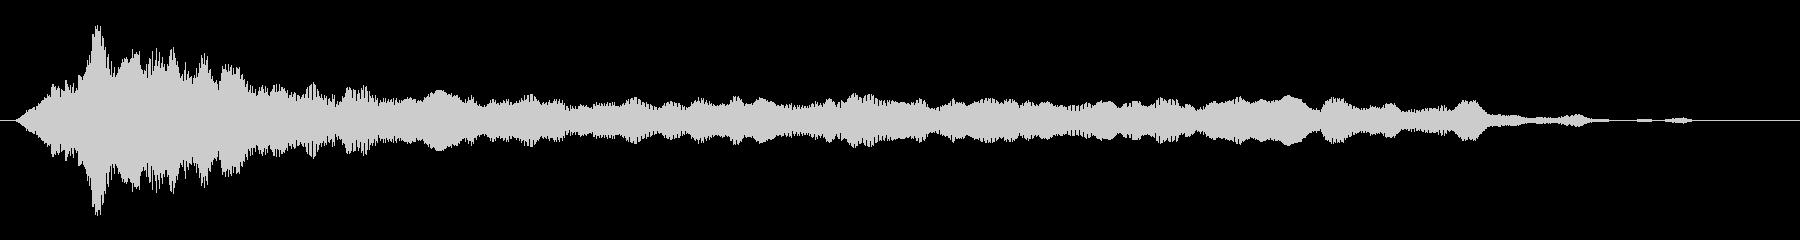 素材 ガラガラピアノドローン03の未再生の波形